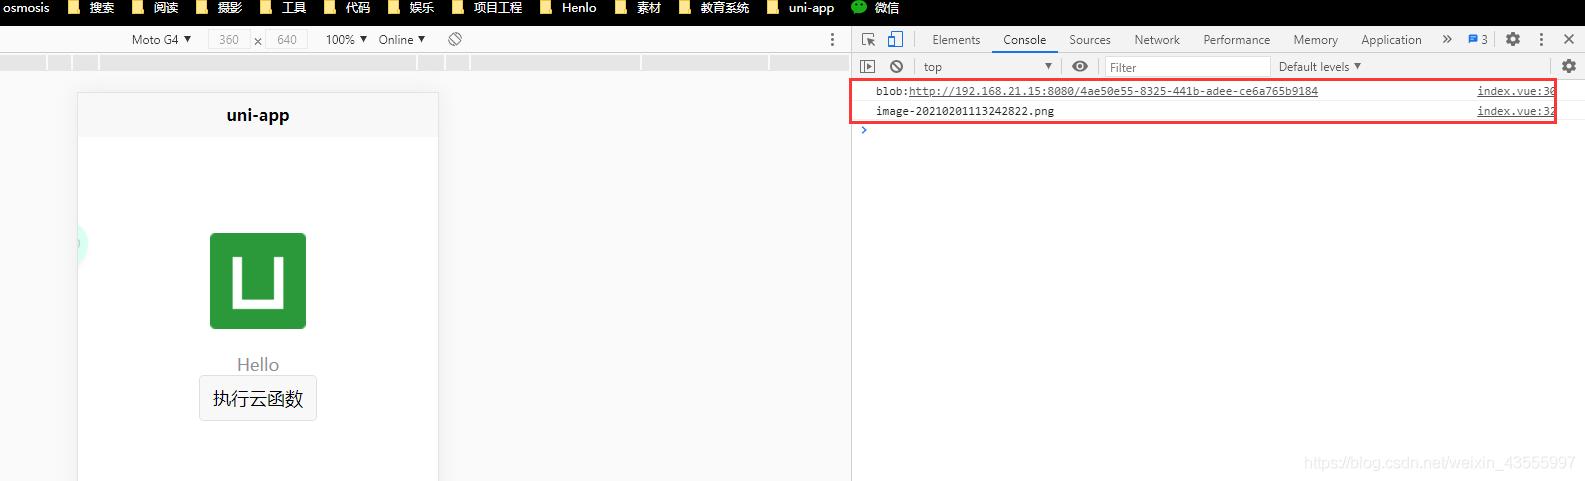 [外链图片转存失败,源站可能有防盗链机制,建议将图片保存下来直接上传(img-069xYgbC-1612678548698)(F:\Uni-app.assets\image-20210207113956991.png)]